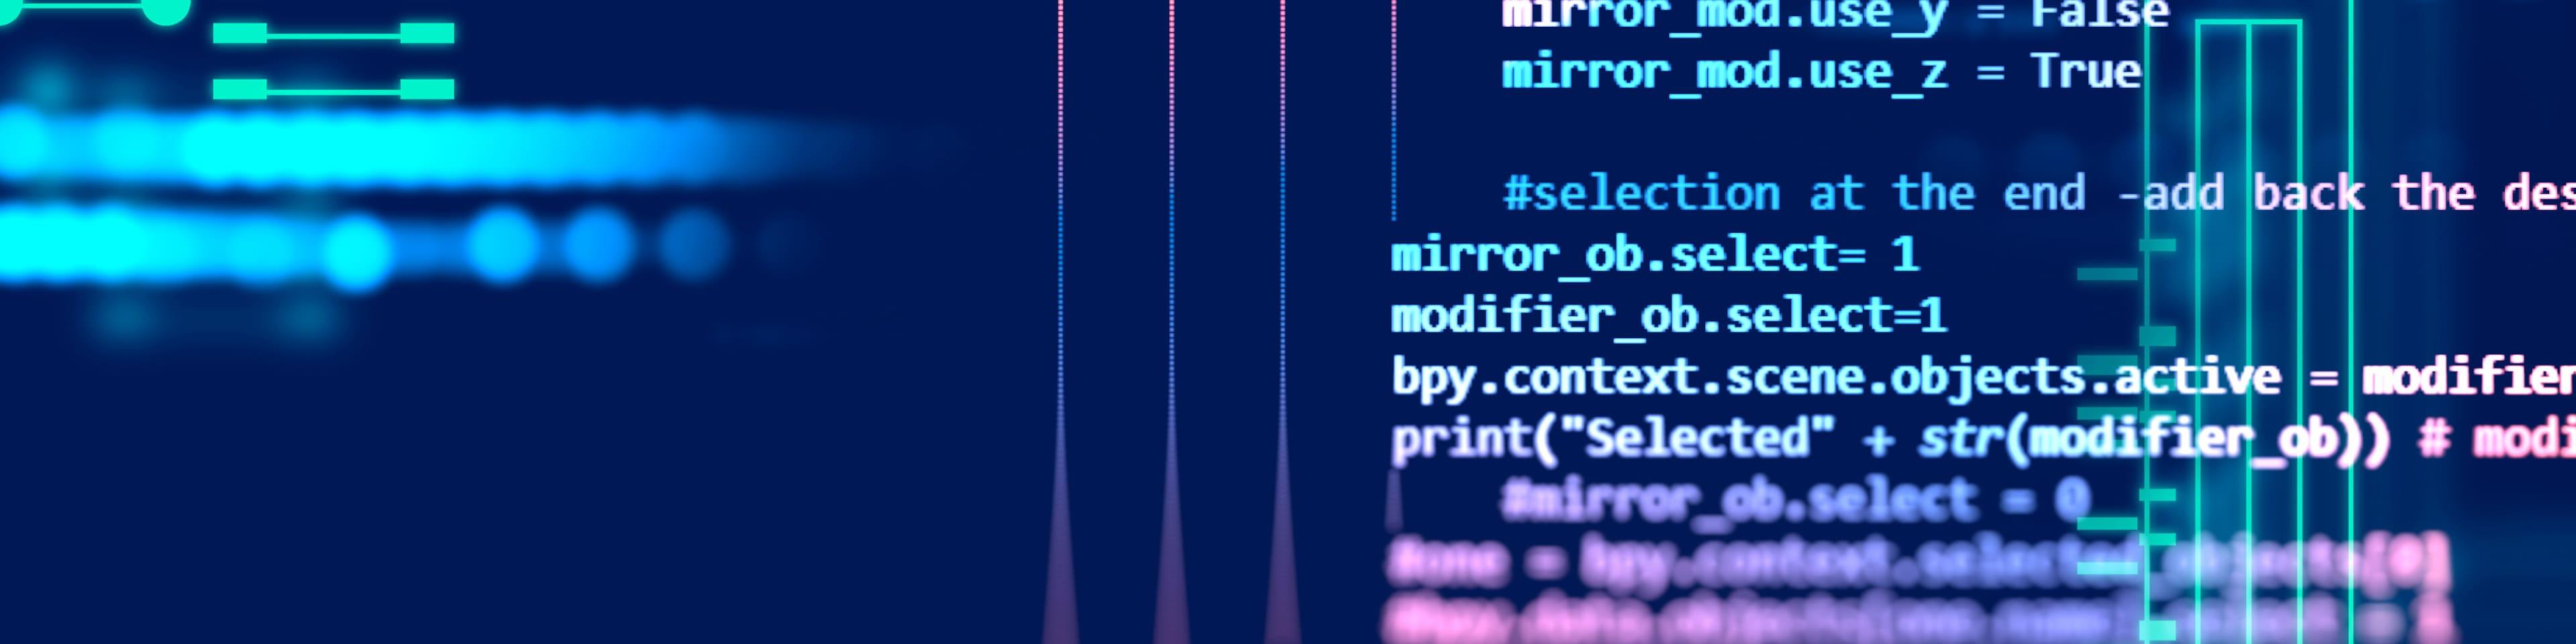 Legisway-maintaining-data-processing-records